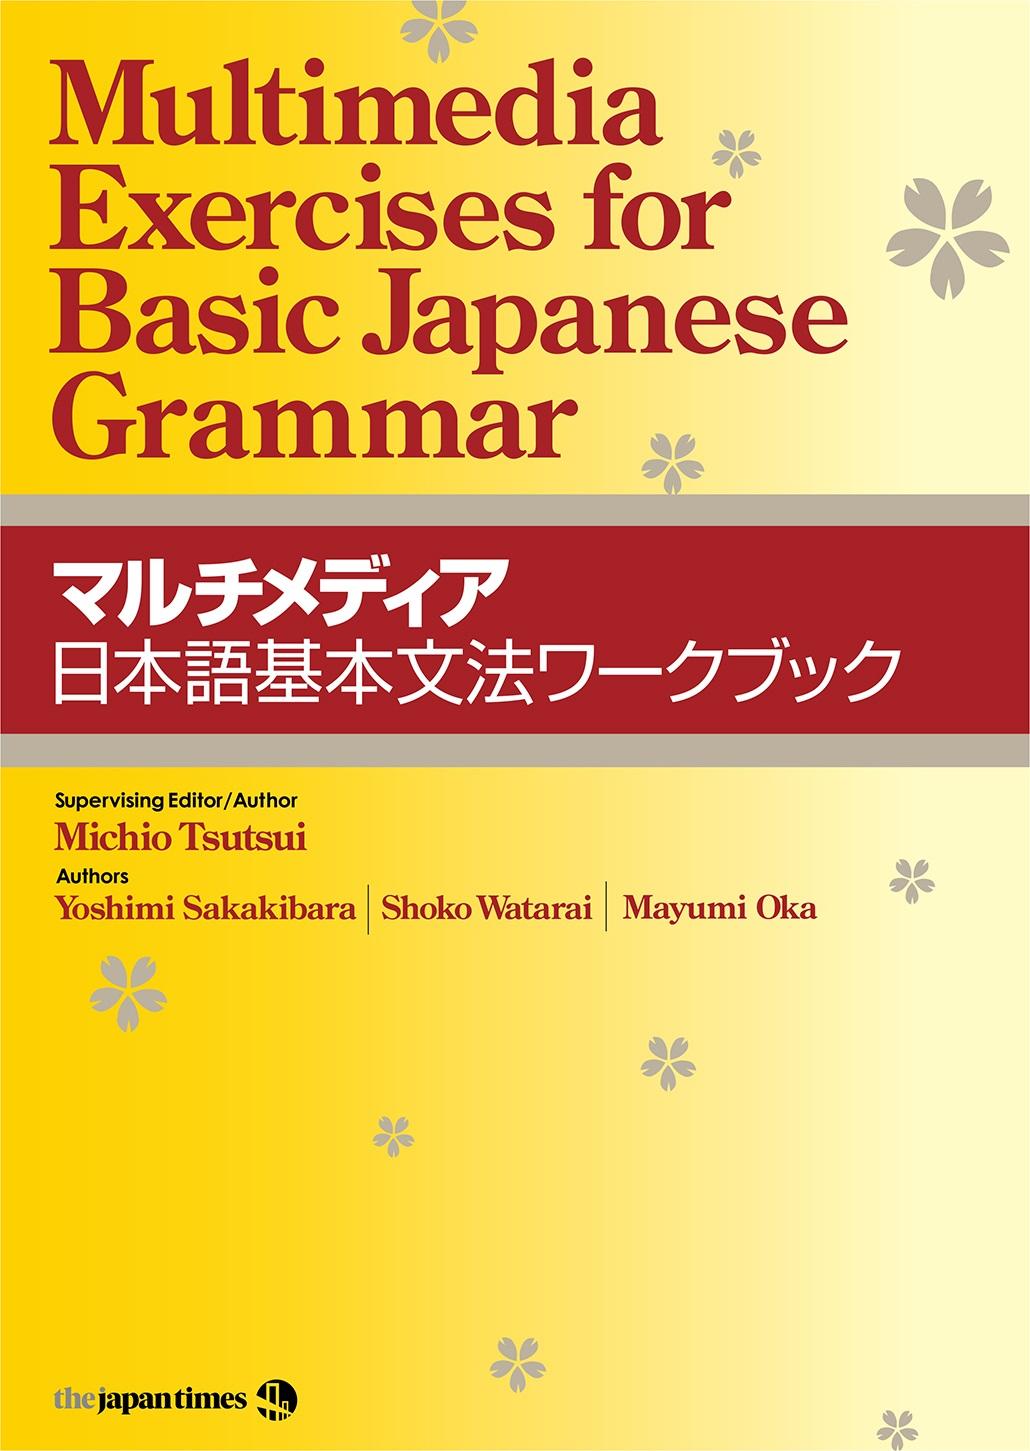 マルチメディア日本語基本文法ワークブック画像